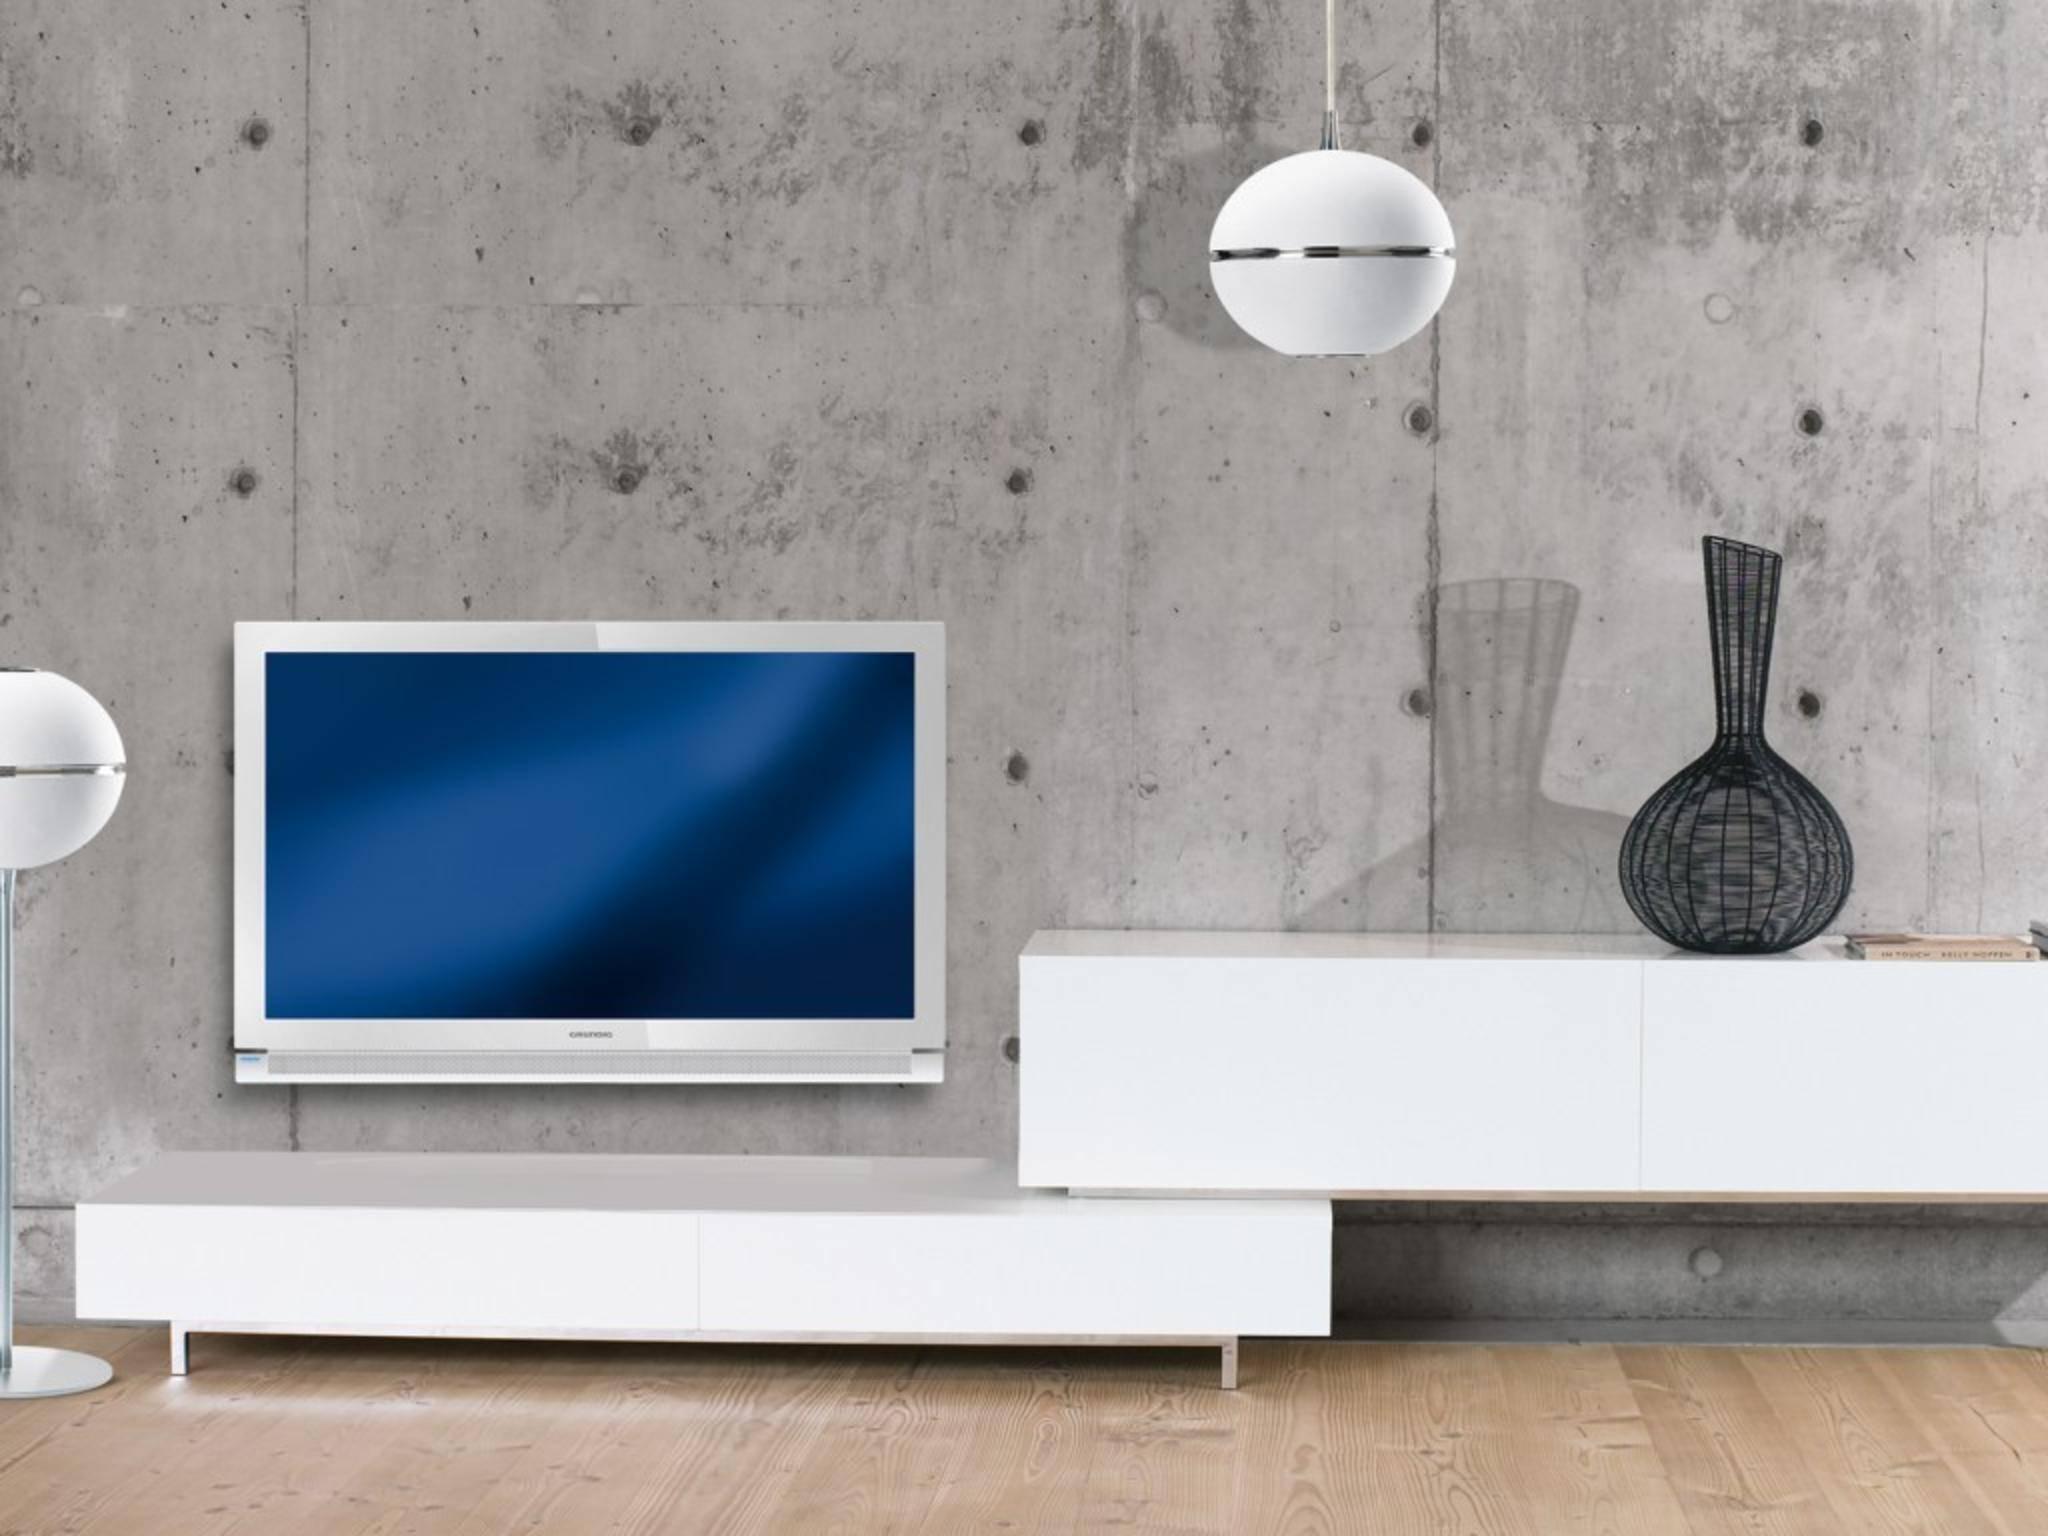 Starre TV-Wandhalterungen sollten auf Sichthöhe angebracht werden.